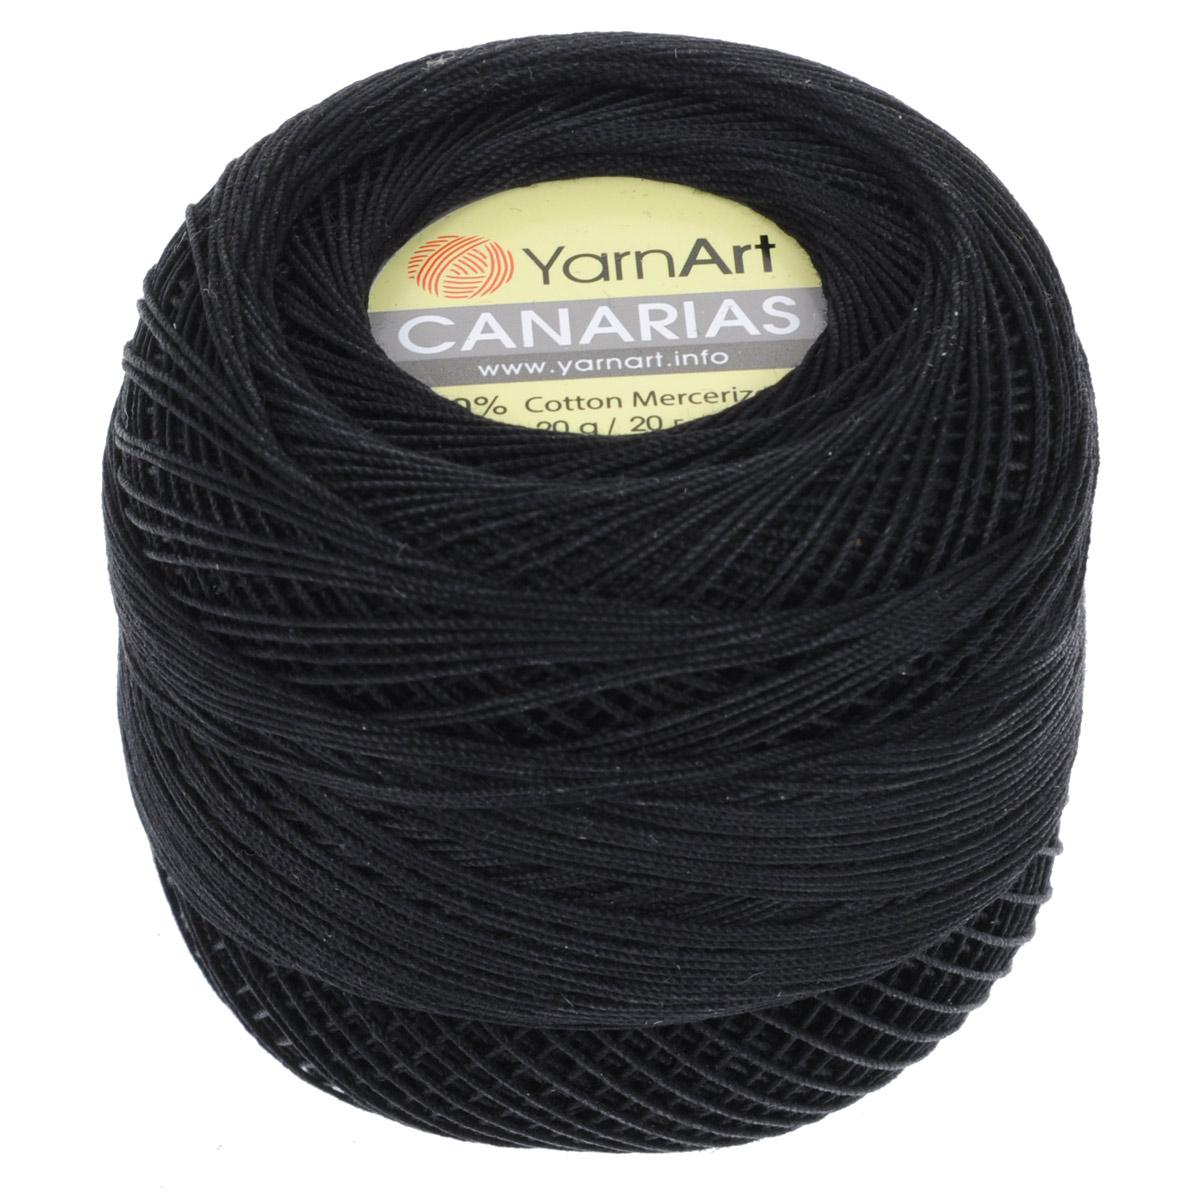 Пряжа для вязания YarnArt Canarias, цвет: черный (9999), 203 м, 20 г, 10 шт372079_9999Пряжа для вязания YarnArt Canarias изготовлена из мерсеризованного хлопка. Ультратонкая почти катушечная пряжа, нить шелковистая, блестящая, ровная без узелков, очень плотной крутки. Пряжа YarnArt Canarias - однотонной окраски с шелковистым блеском. Она прекрасно подойдет для вязания ажурных кружев, салфеток, скатерок, шалей, шляп и т.д. Пряжа натуральная, гипоаллегренная, экологичная, поэтому подходит для детских изделий. Легкий блеск и шелковистая текстура пряжи гарантируют превосходный результат. Пряжа окрашена стойкими качественными красителями, не линяет. Рекомендуются спицы и крючок 0,5-1,5 мм. Состав: 100% хлопок.